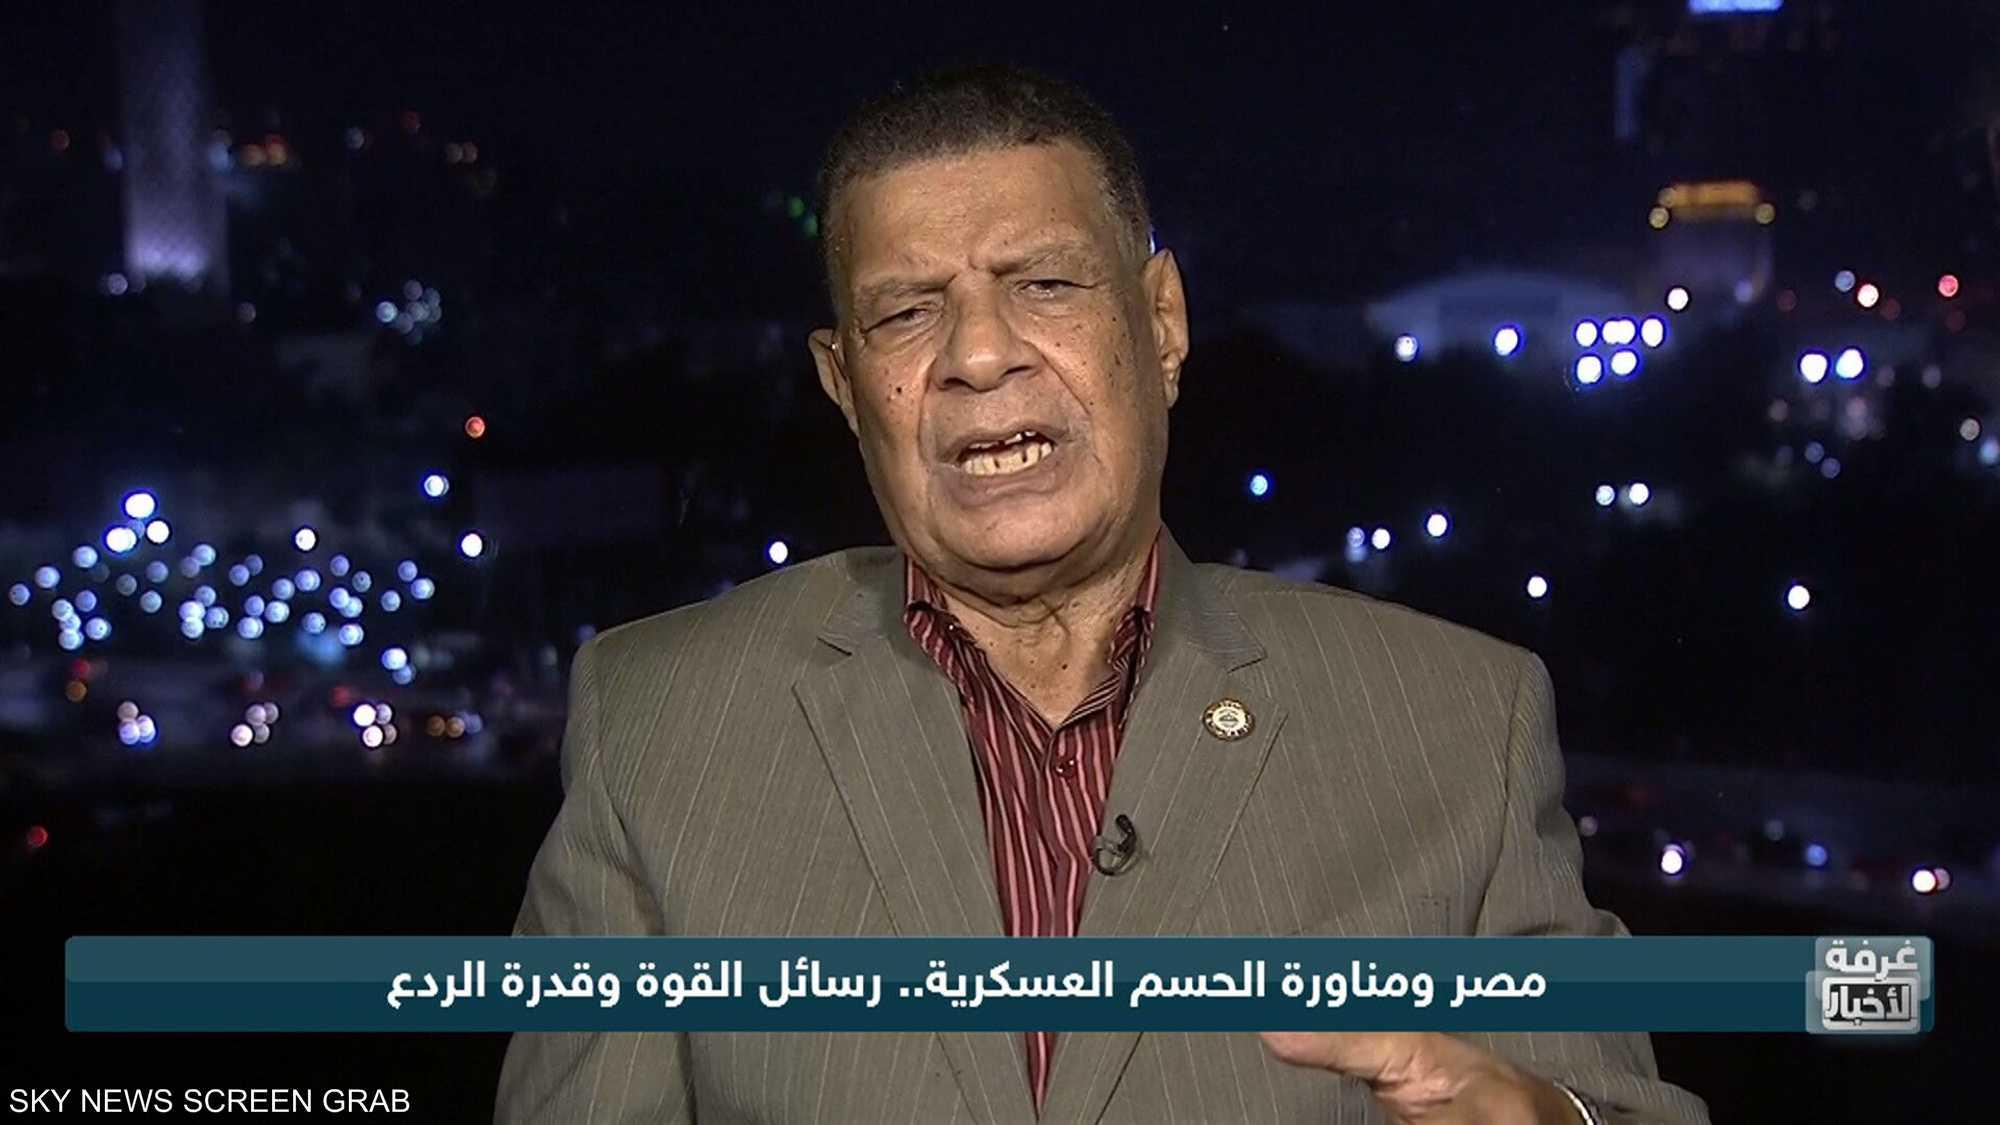 مصر ومناورة الحسم العسكرية.. رسائل القوة وقدرة الردع